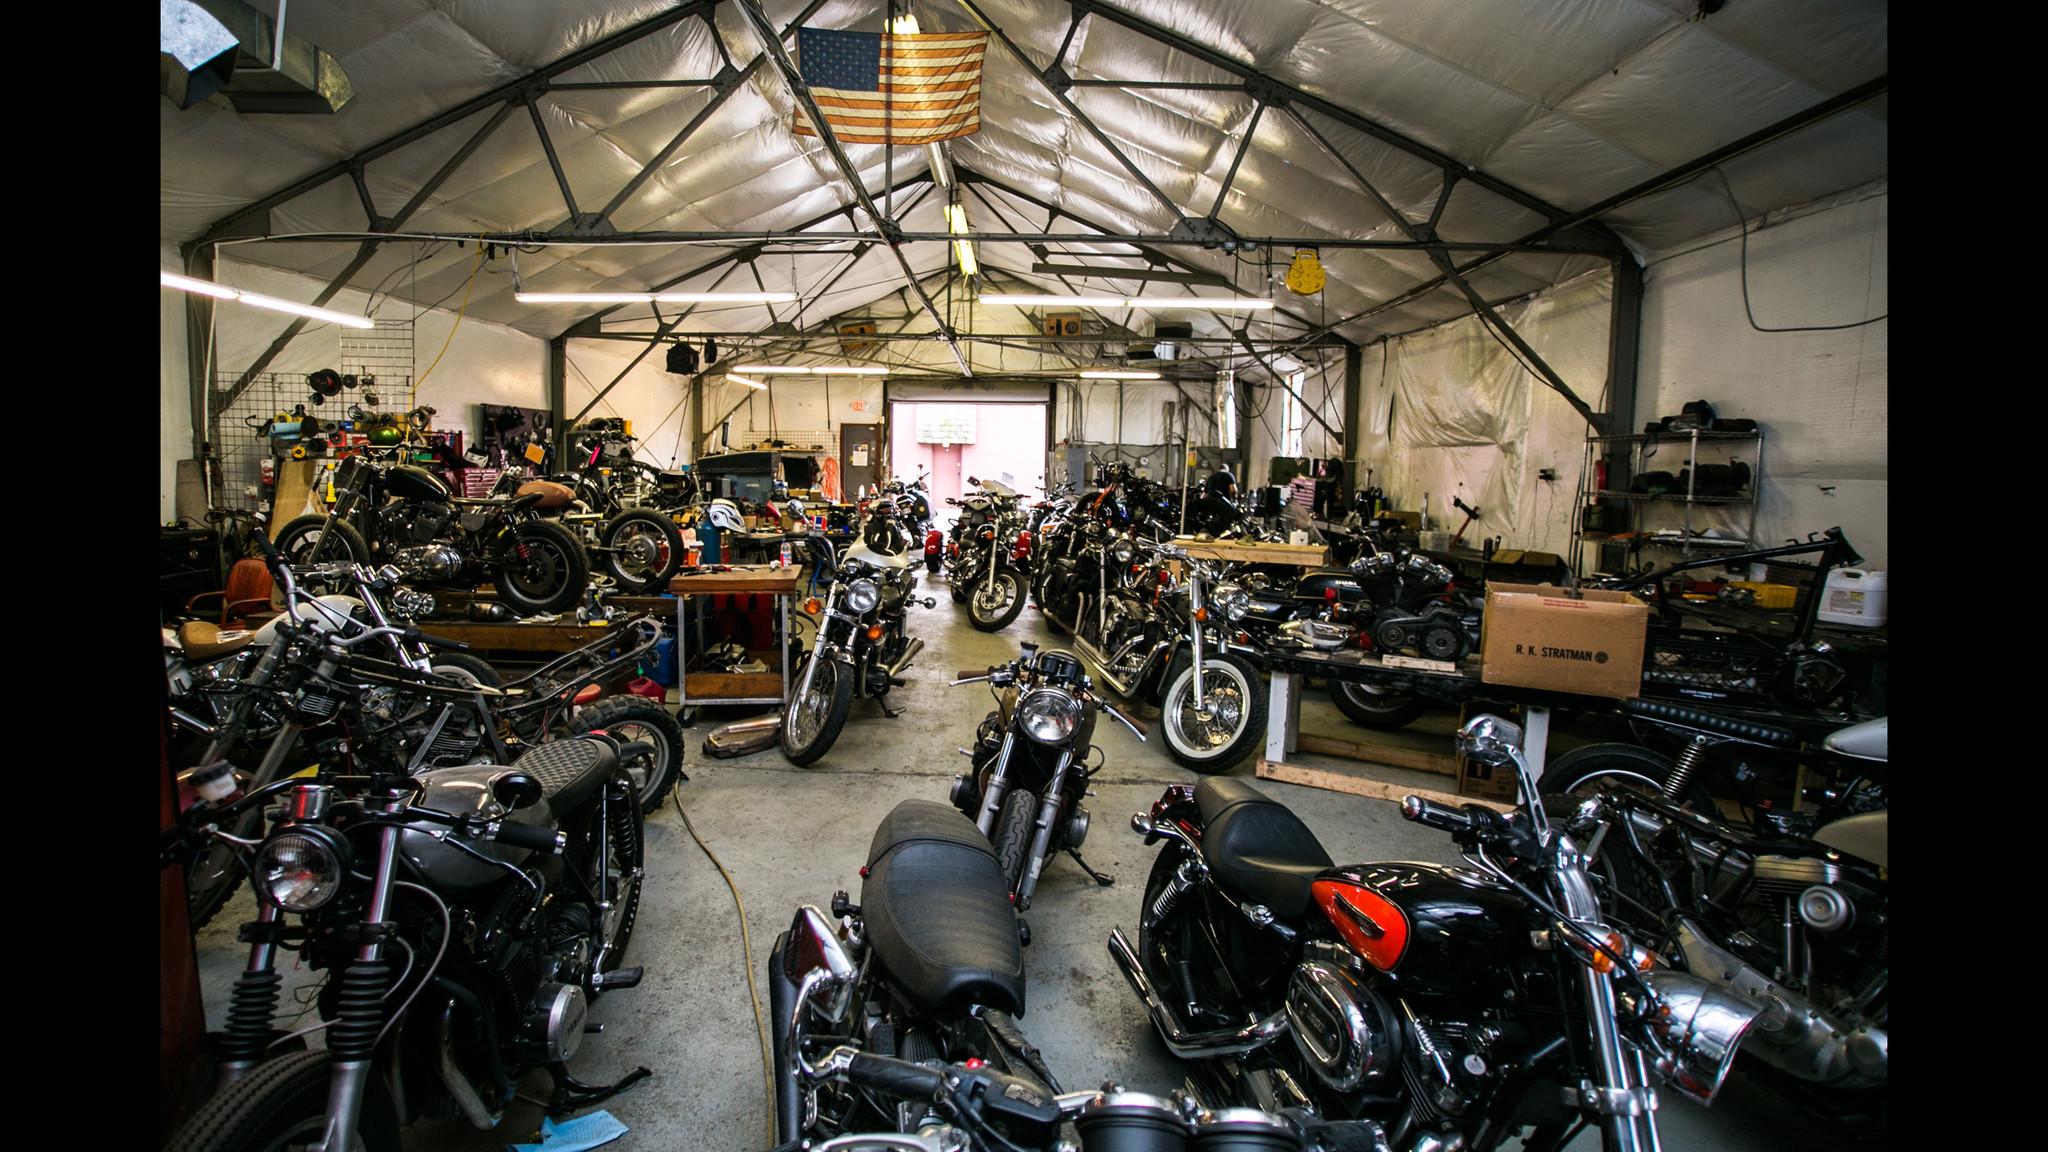 motorcycle-garage - Sunday Slacker Magazine